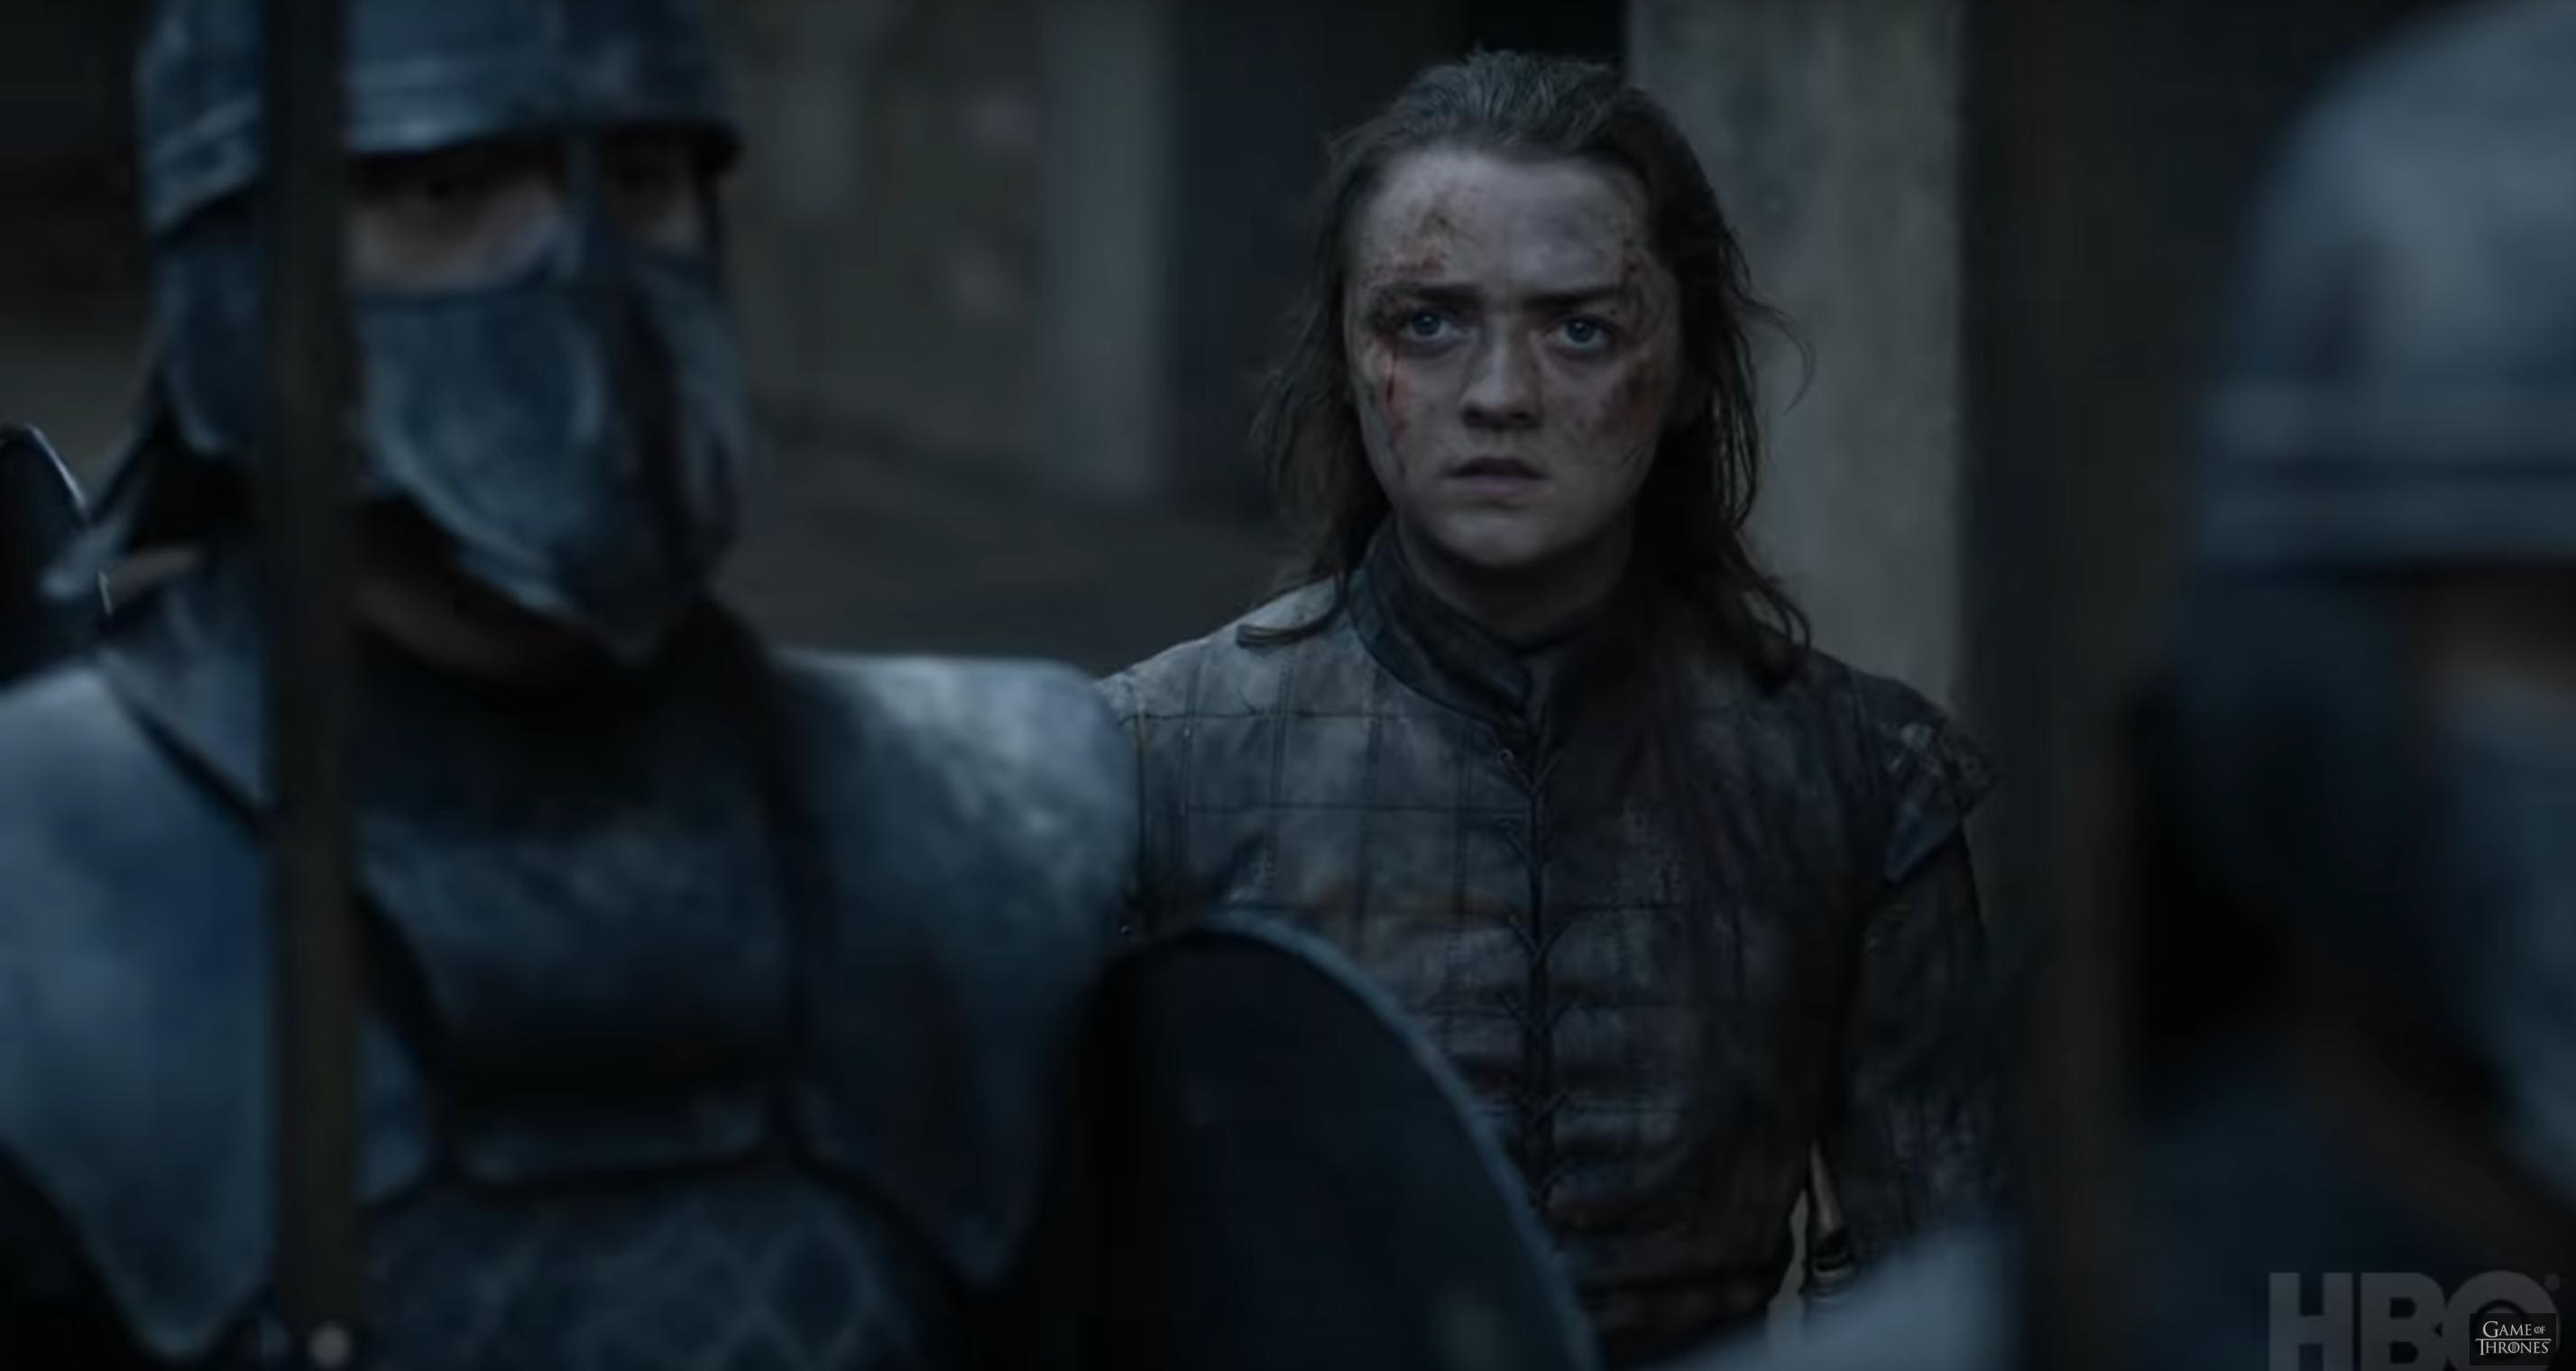 Game of Thrones arya de face